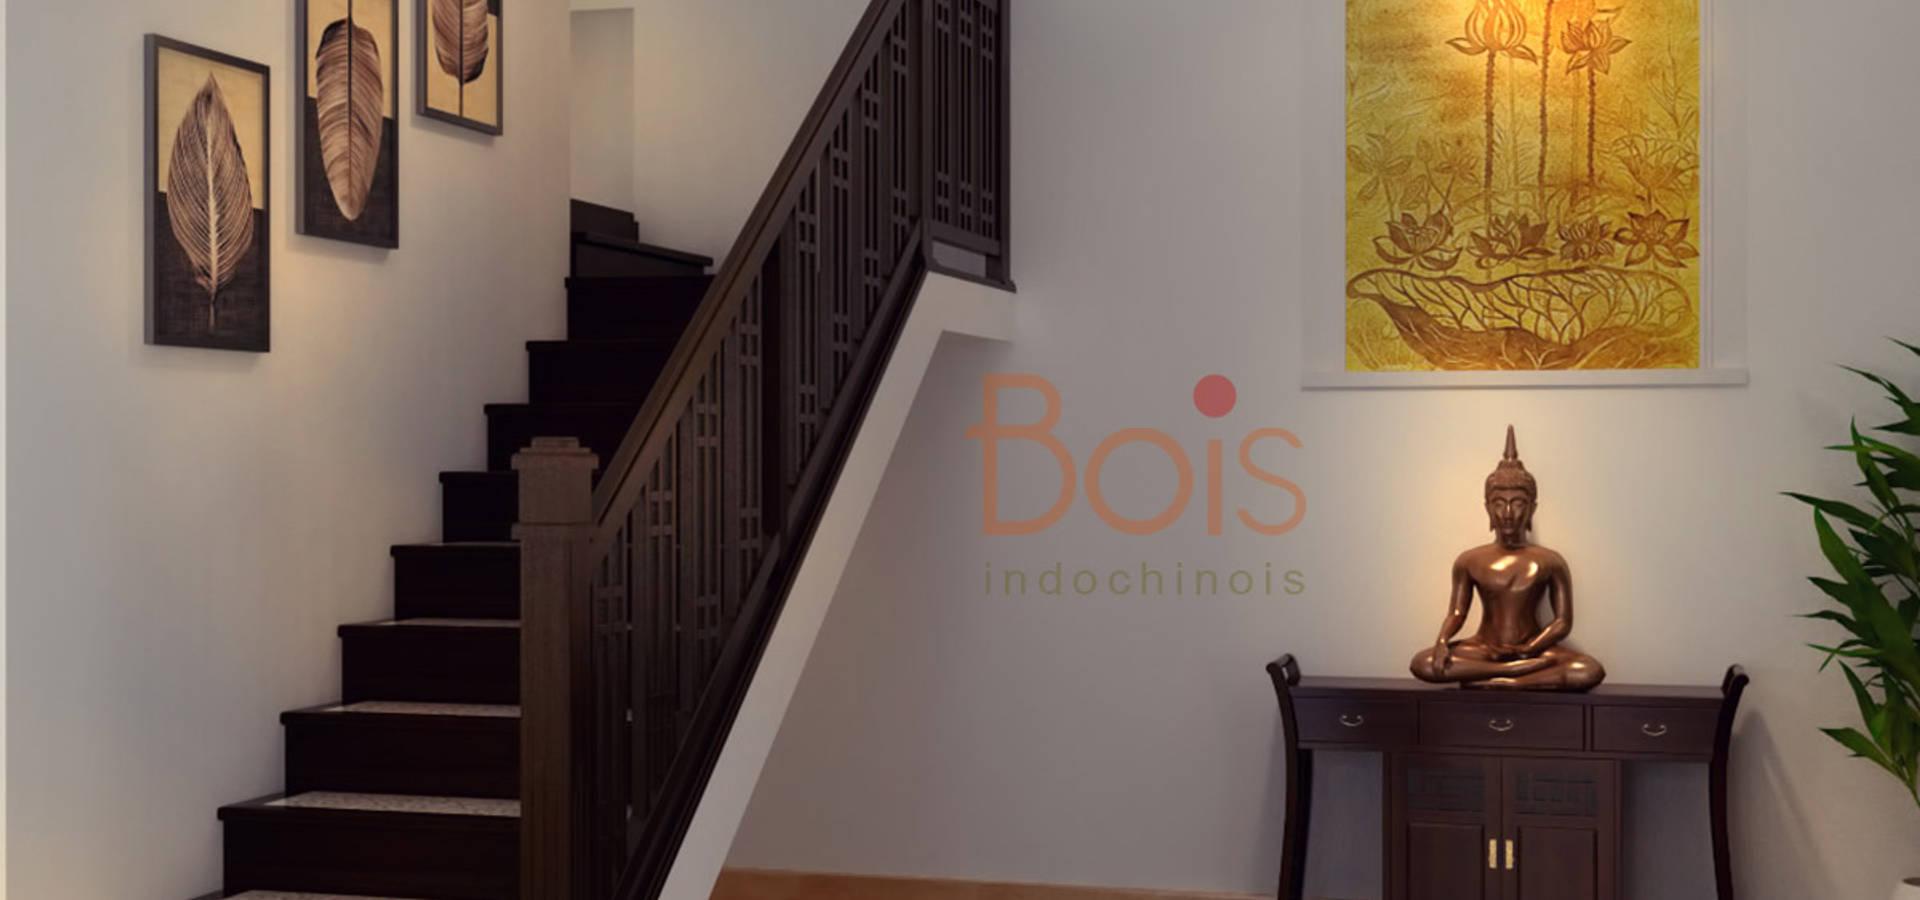 Công ty TNHH tư vấn thiết kế kiến trúc và nội thất Bois